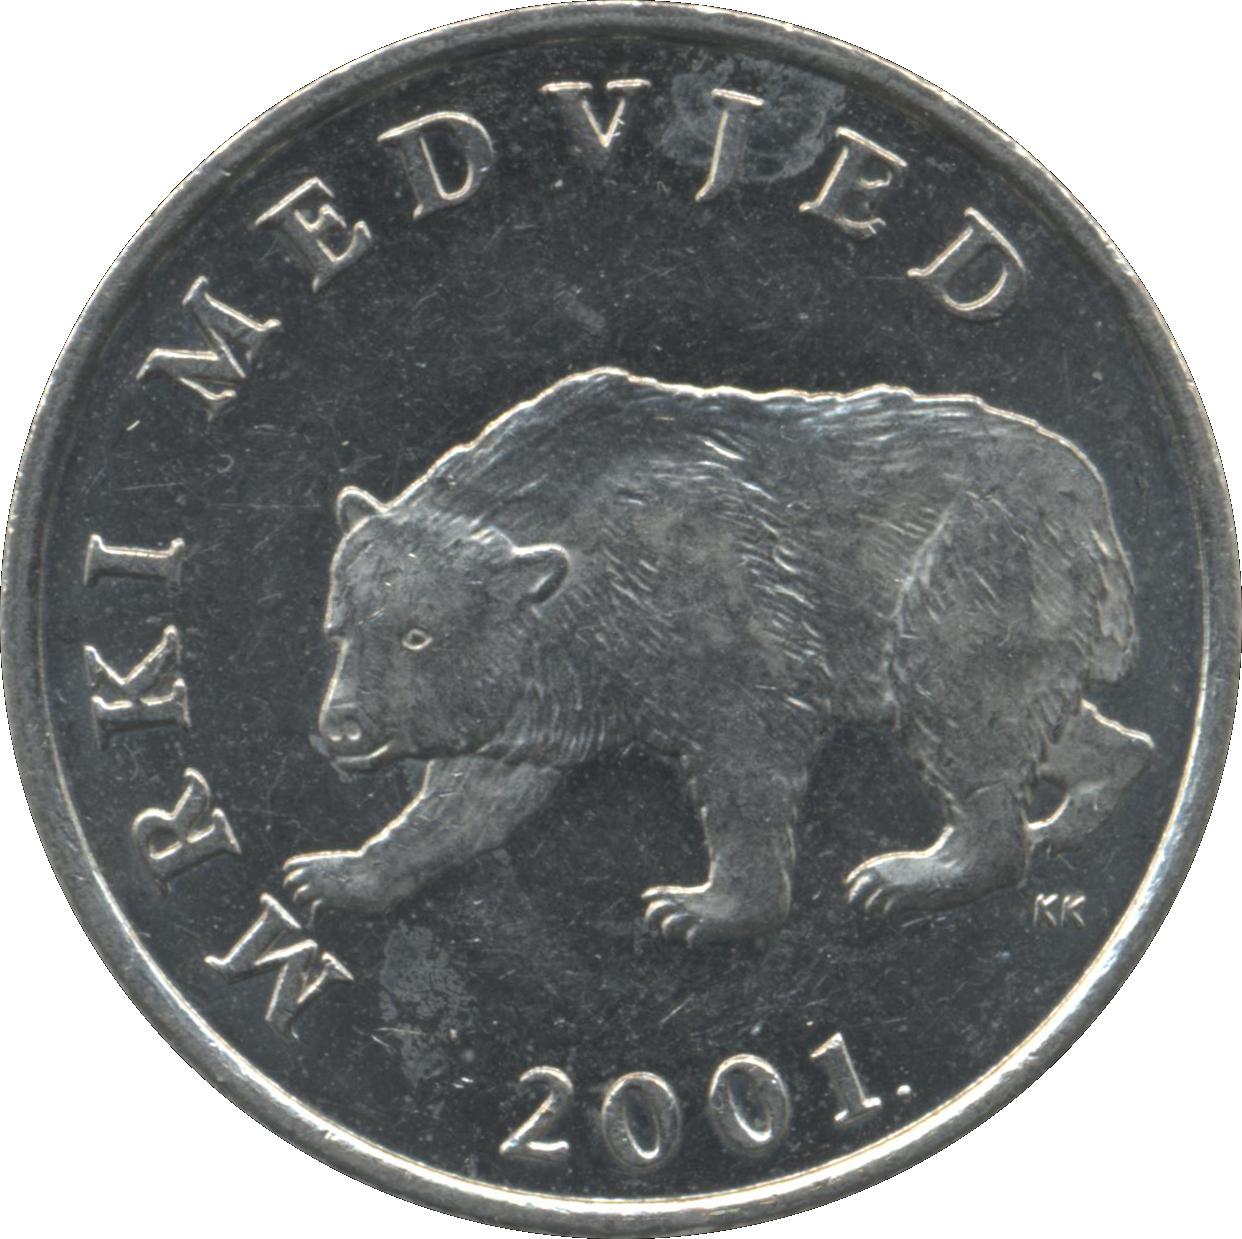 Coin Sets of All Nations Belgium 1982-1988 UNC 20 Francs 1982 1 Franc 1988